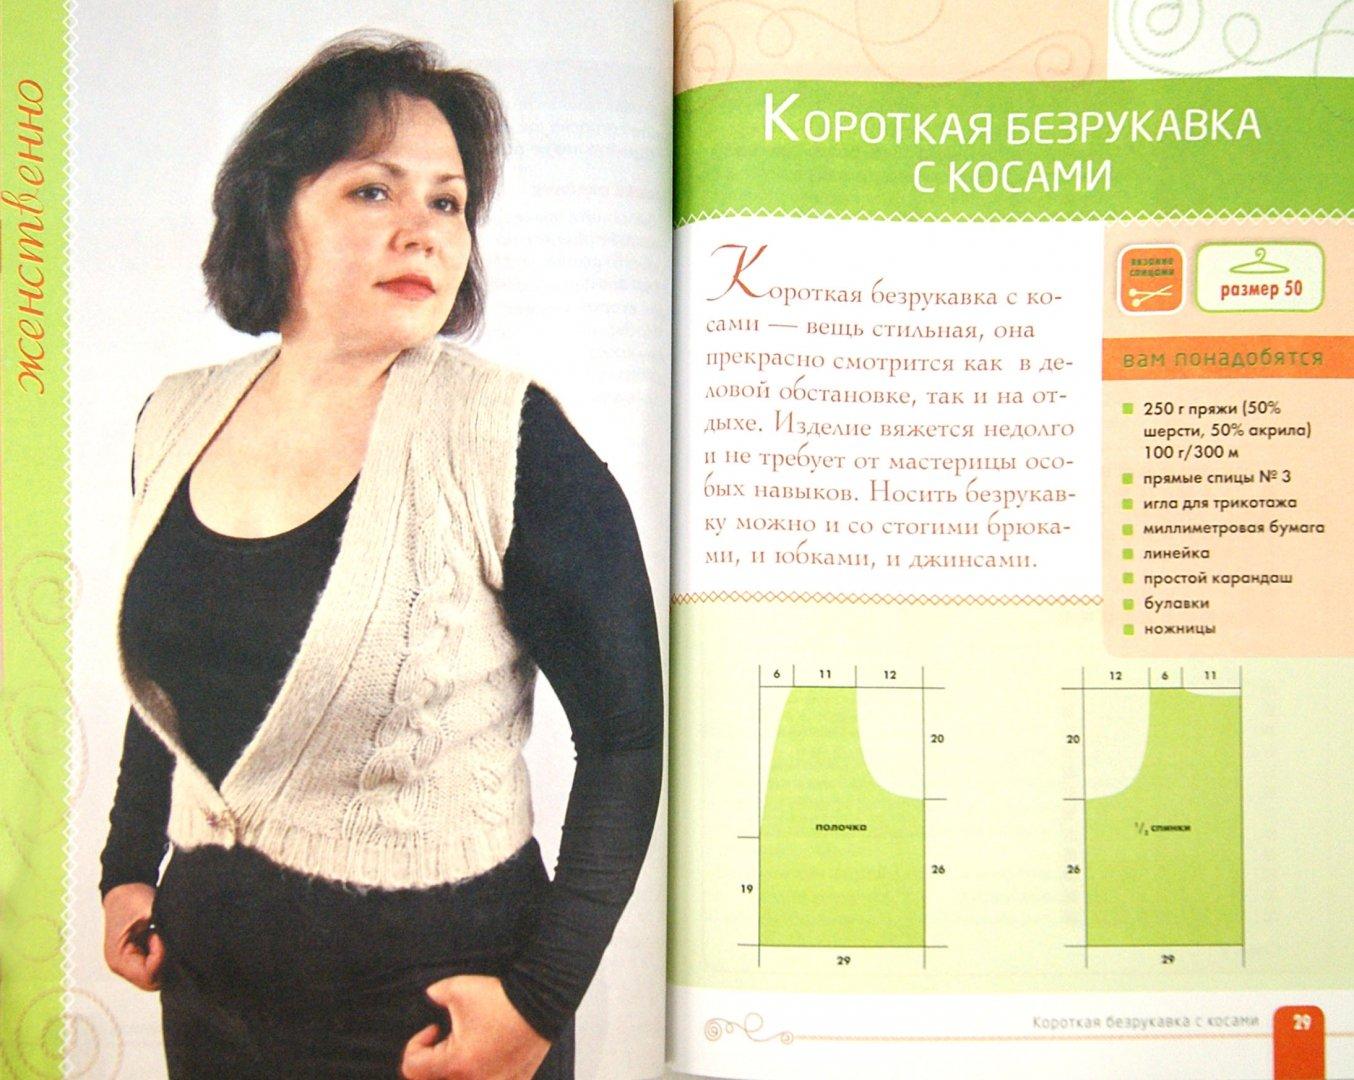 Иллюстрация 1 из 6 для Вязаные модели для женщин королевских размеров - Евгения Михайлина   Лабиринт - книги. Источник: Лабиринт